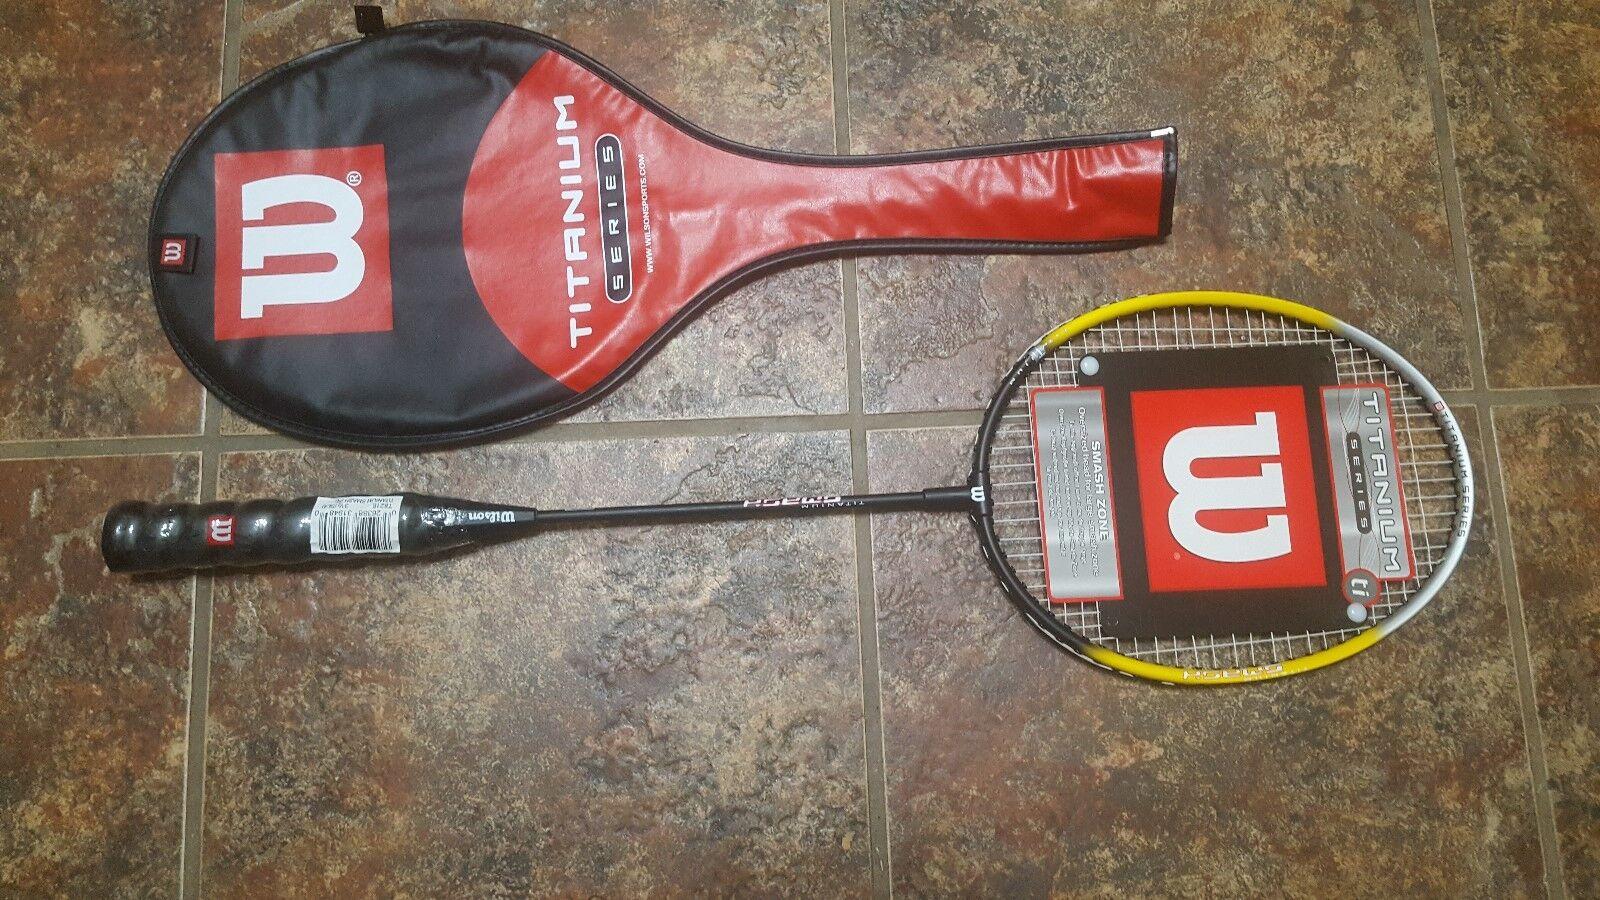 Nueva serie de titanio Wilson TI Smash Badminton Raqueta Con Cubierta.